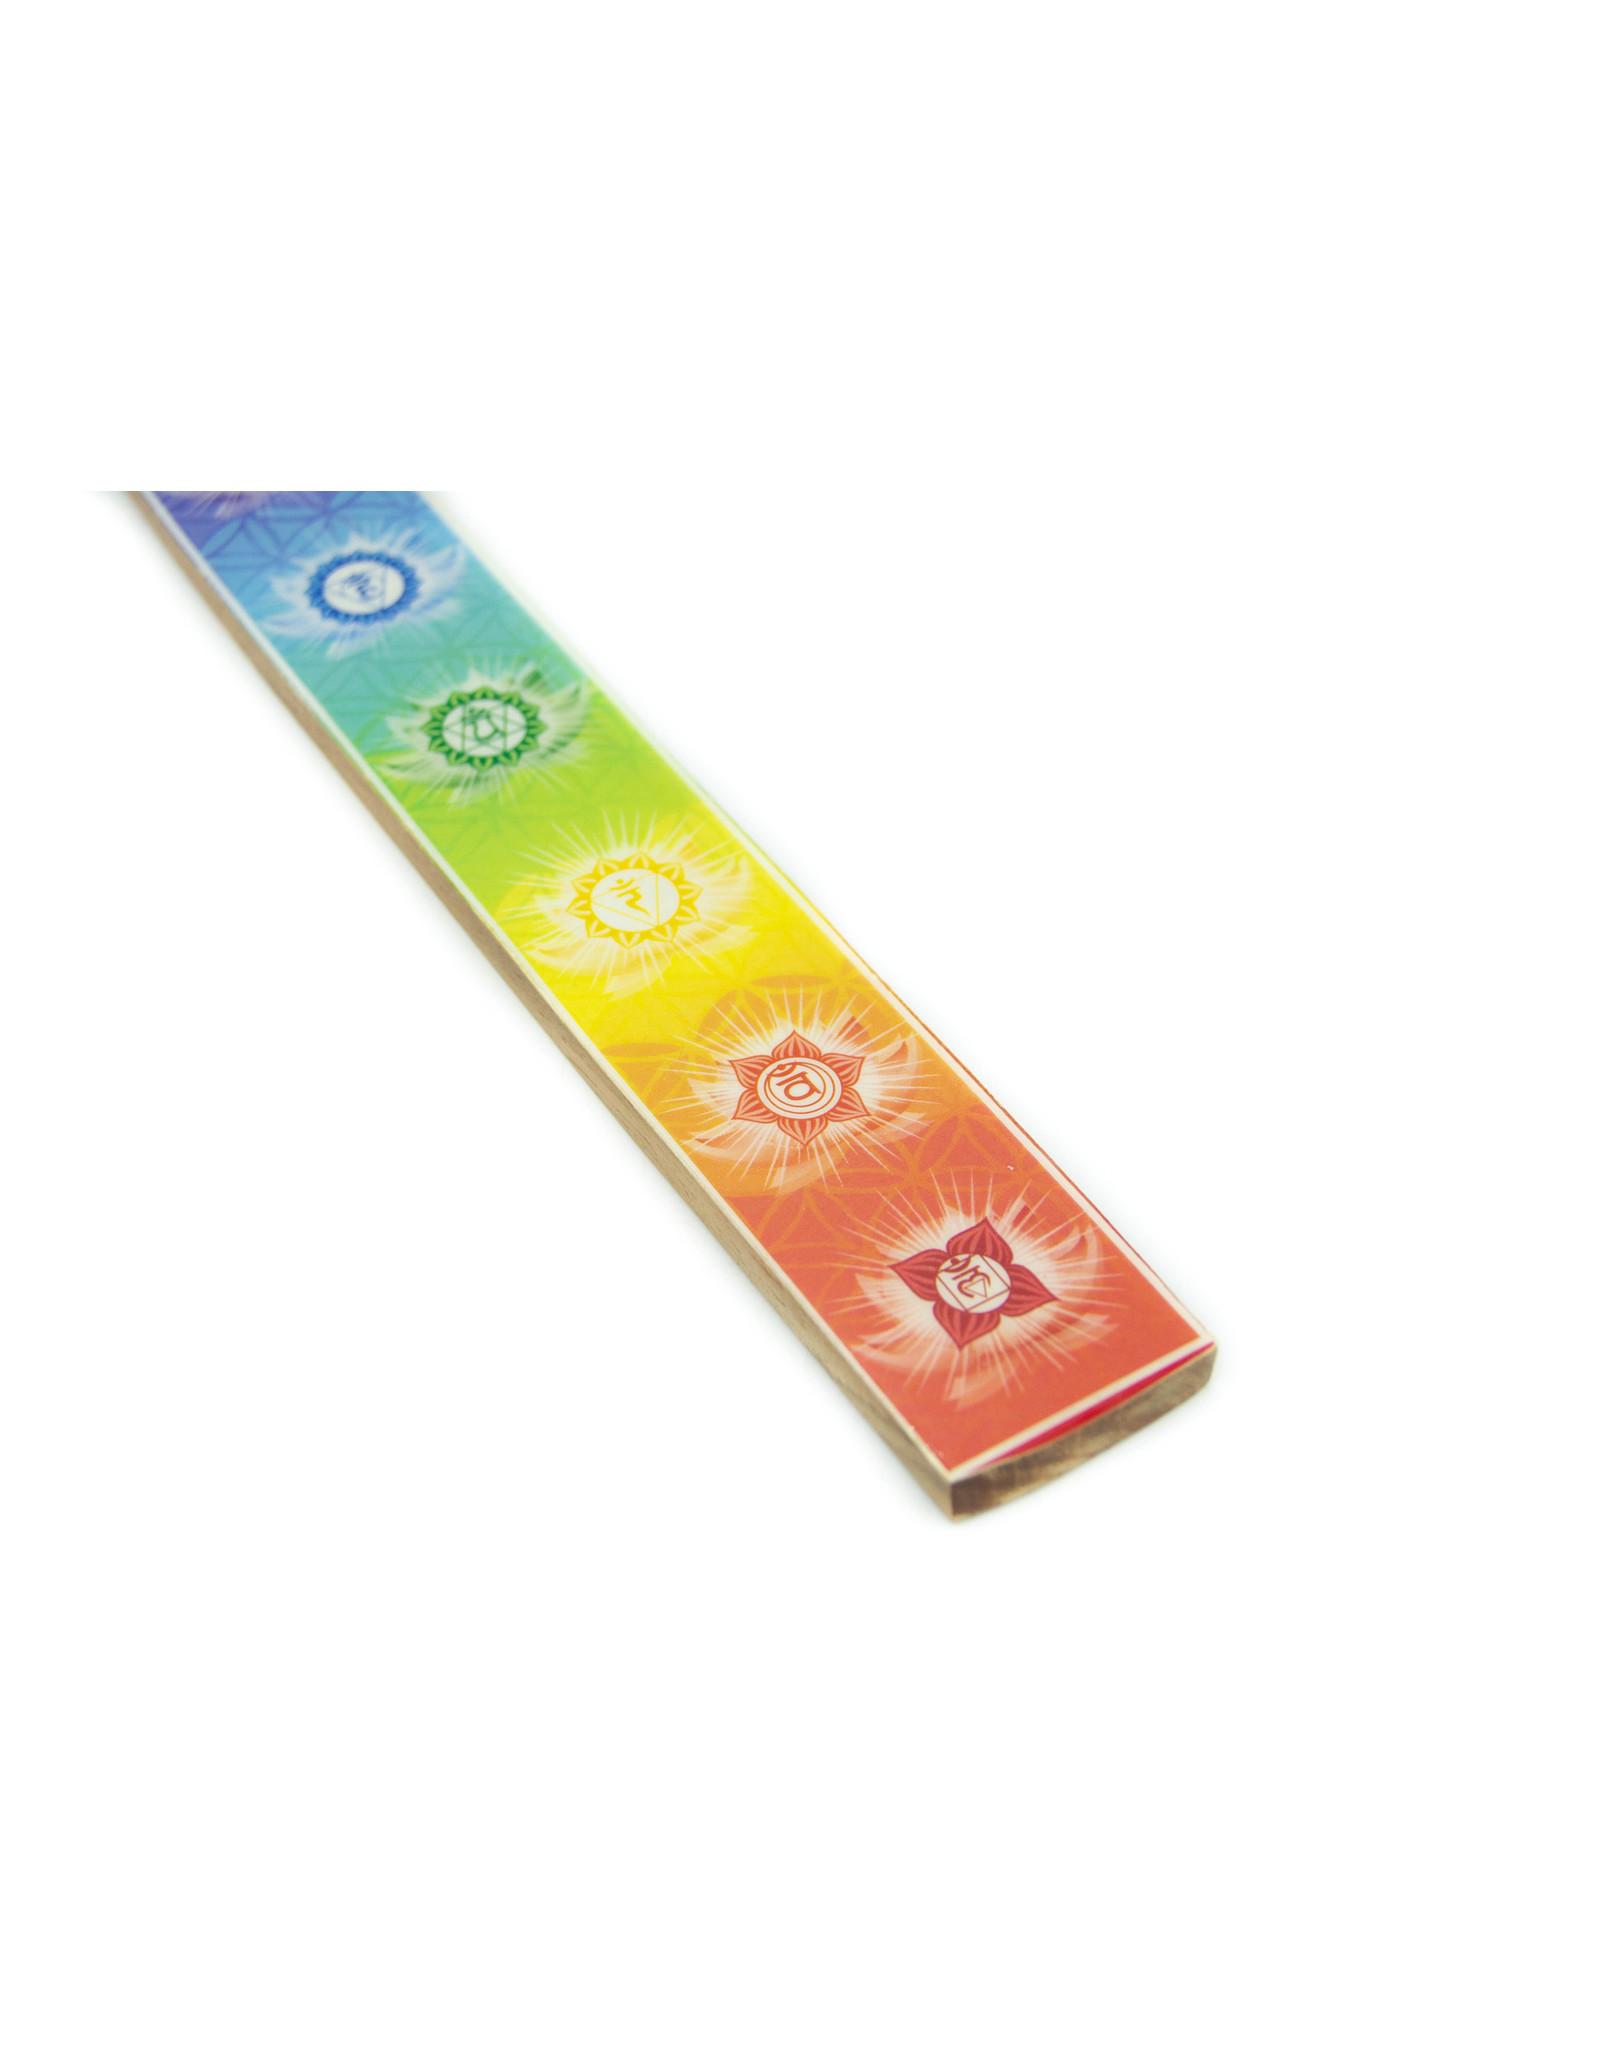 Porte-encens couleurs 7 Chakras